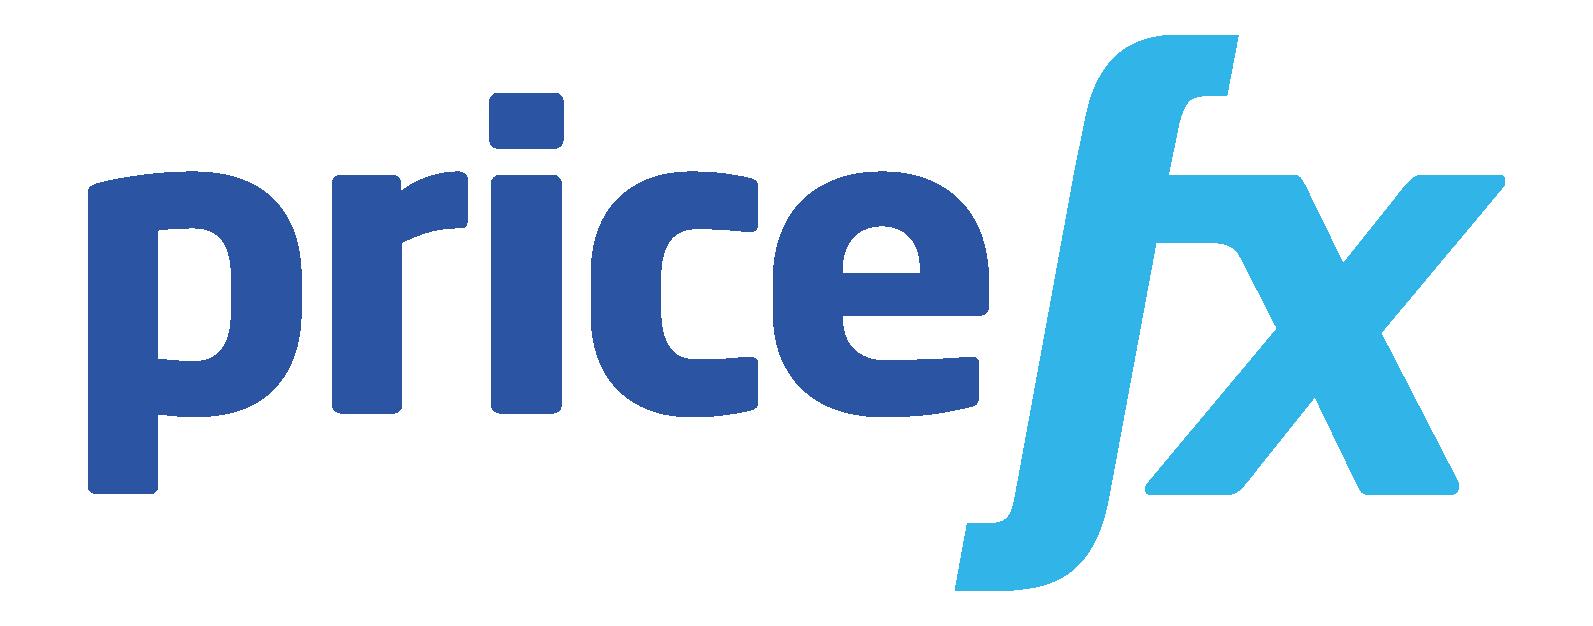 Pricefx_logo_2019_Dark-blue